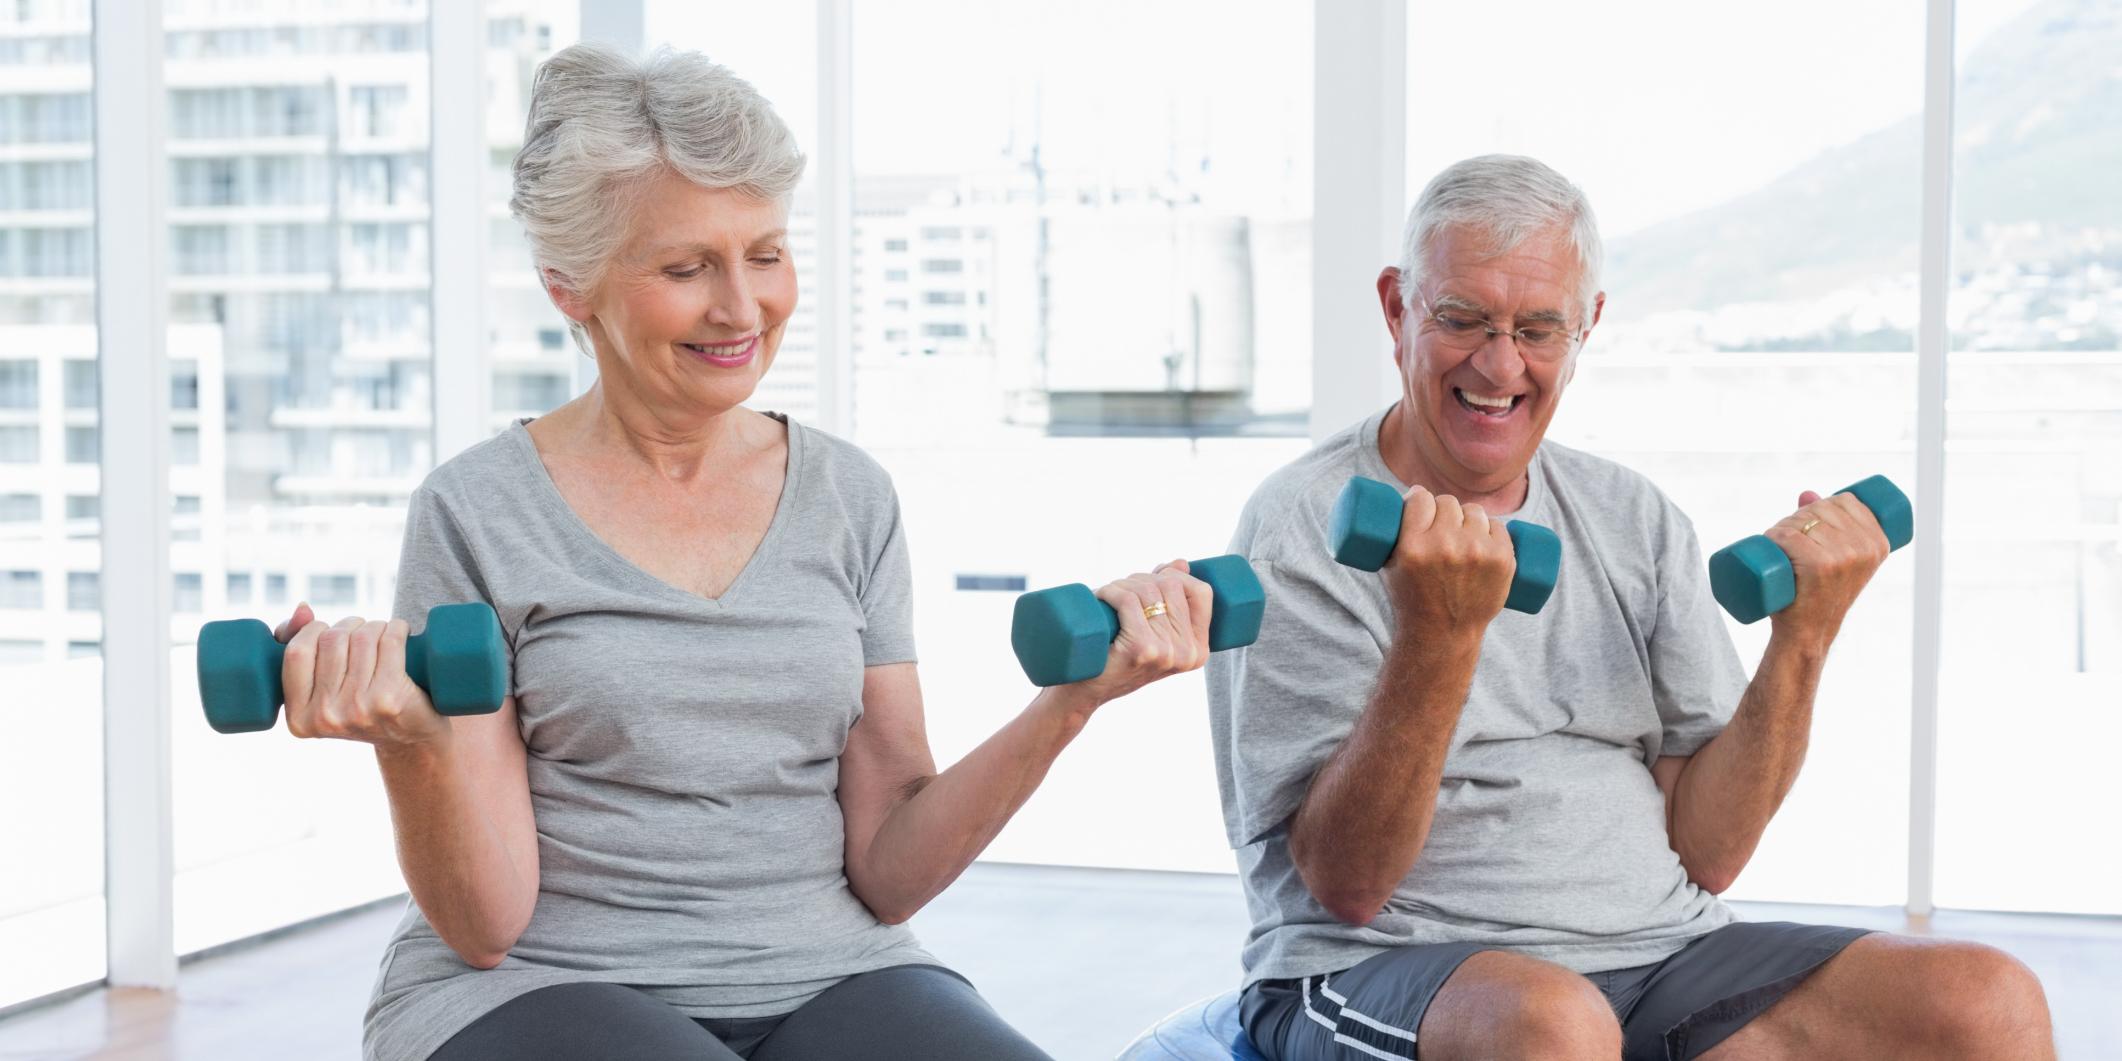 Cardiology_ExercisePlanning_web_600x300_494388997